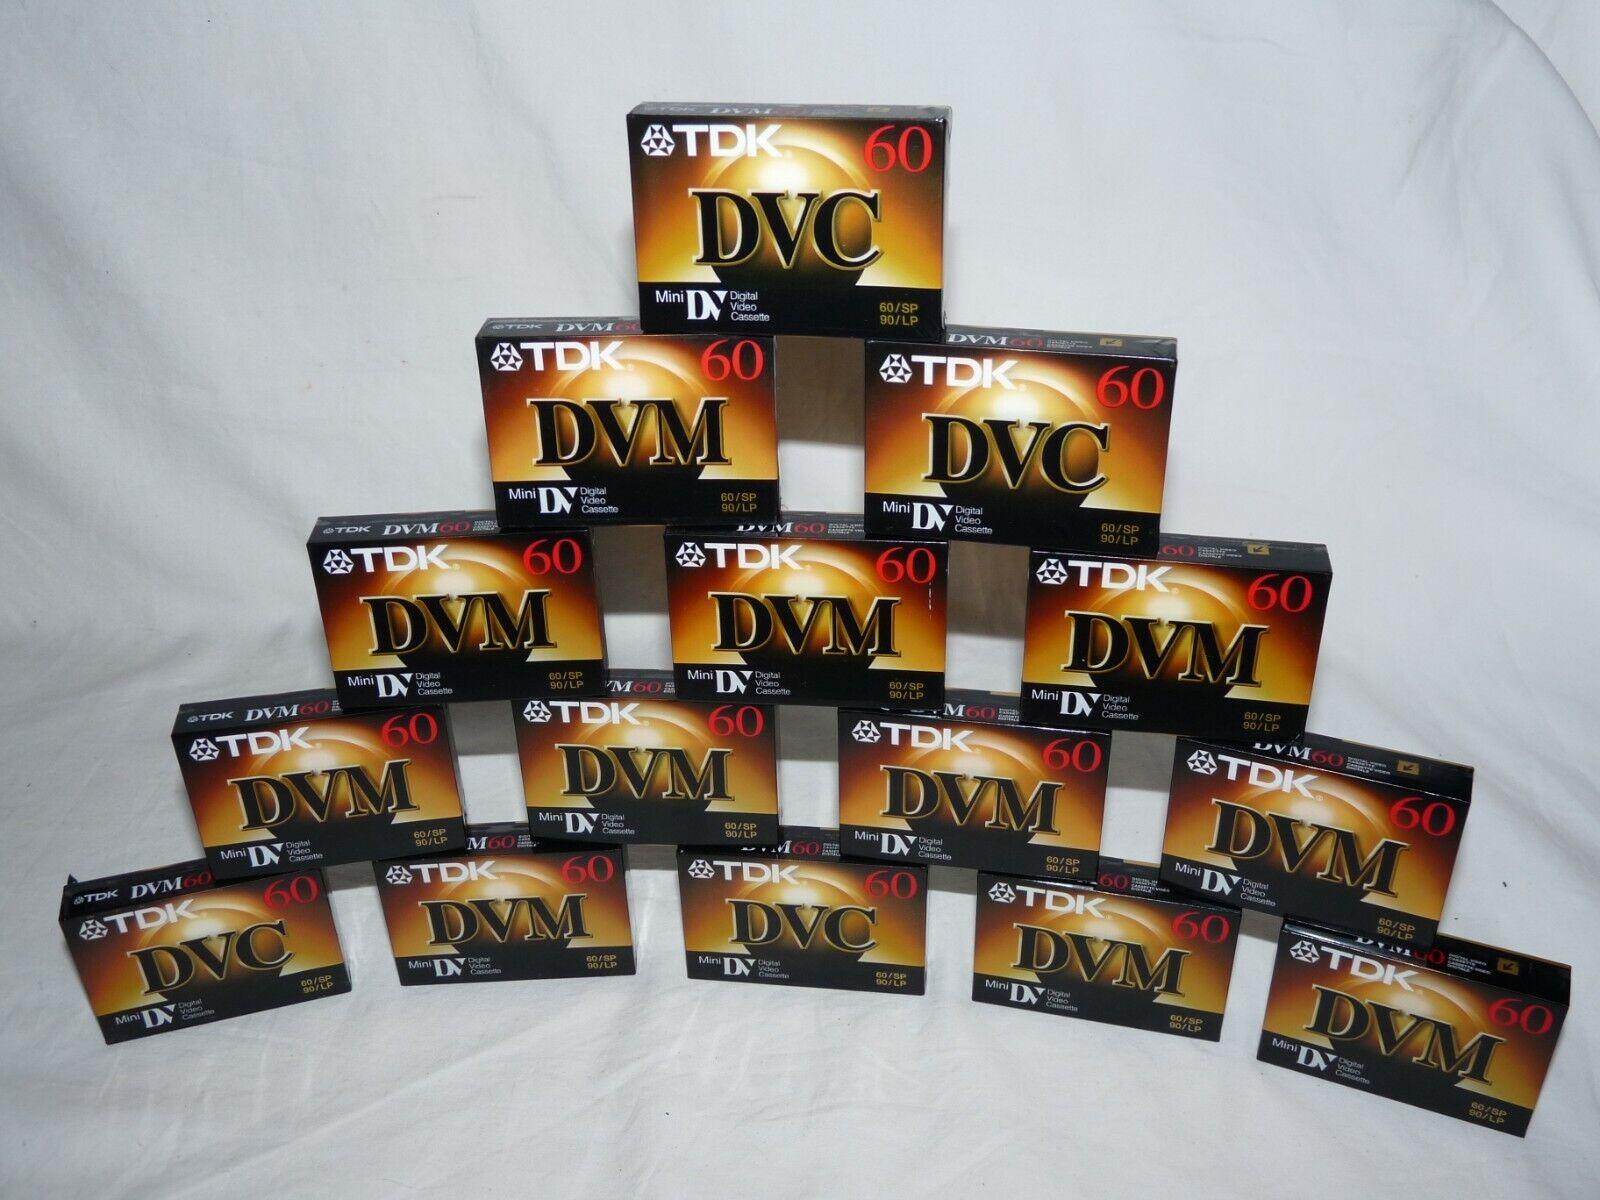 Lot Of 15 TDK DVM60ME DVC DVM Minidv Mini Dv Cassettes Tapes Cassette Tape - $79.99